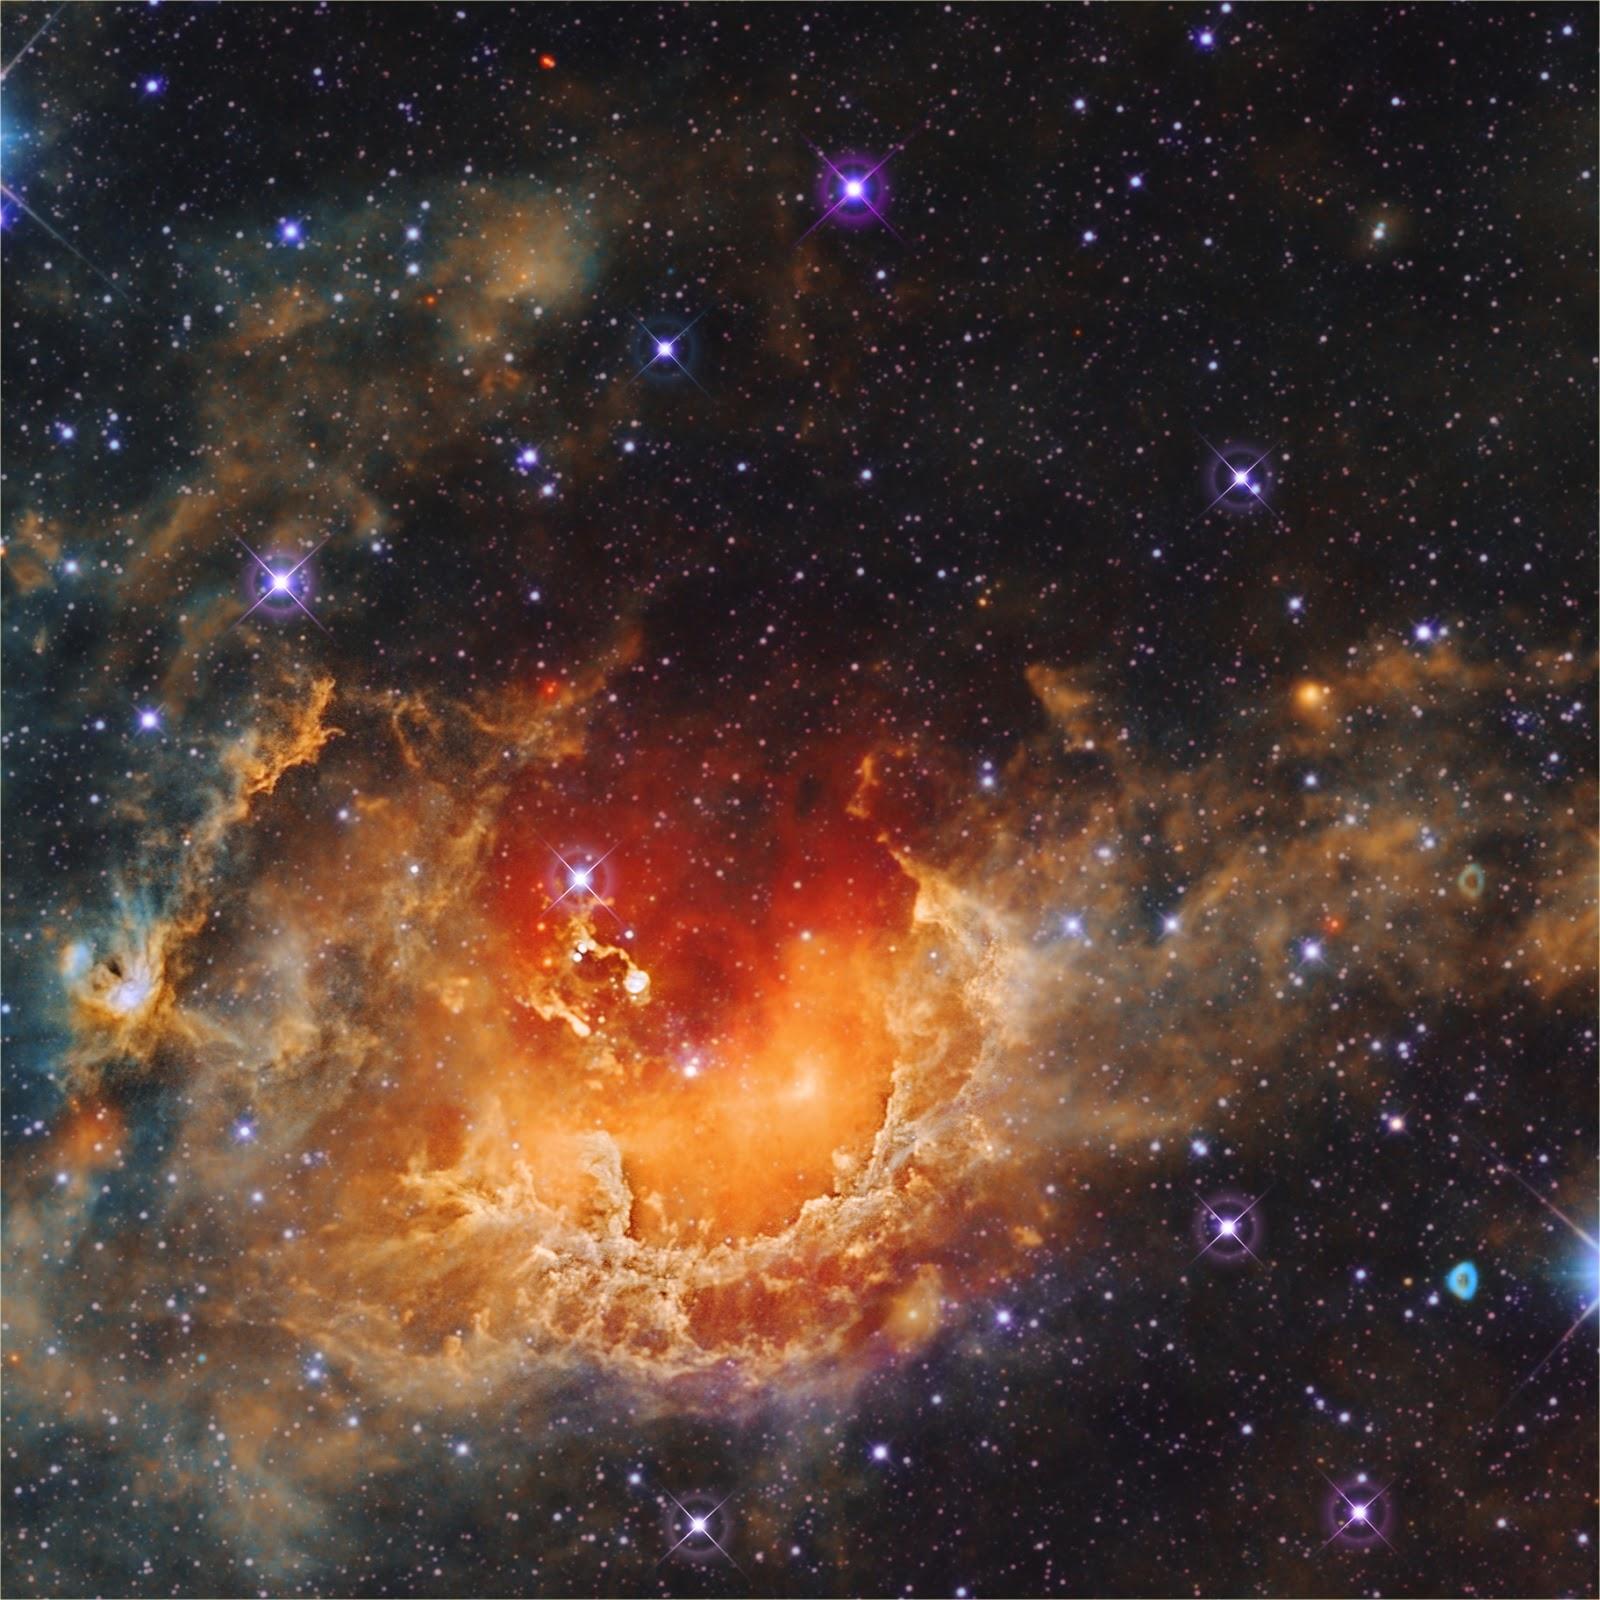 Những ngôi sao được hình thành trong Tinh vân Con nòng nọc.